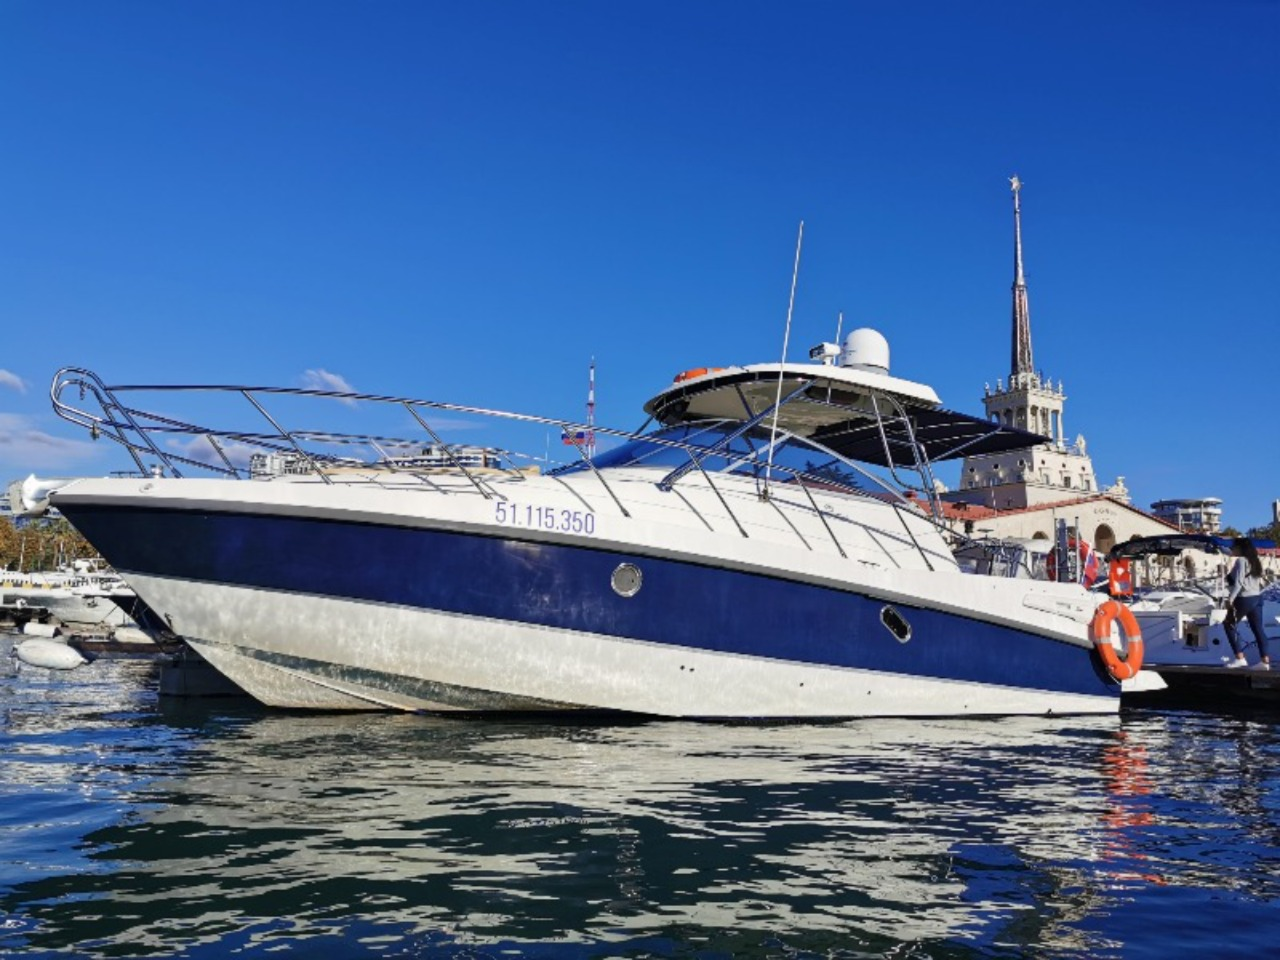 Аренда моторного катера Cranchi 34 - индивидуальная экскурсия в Адлере от опытного гида